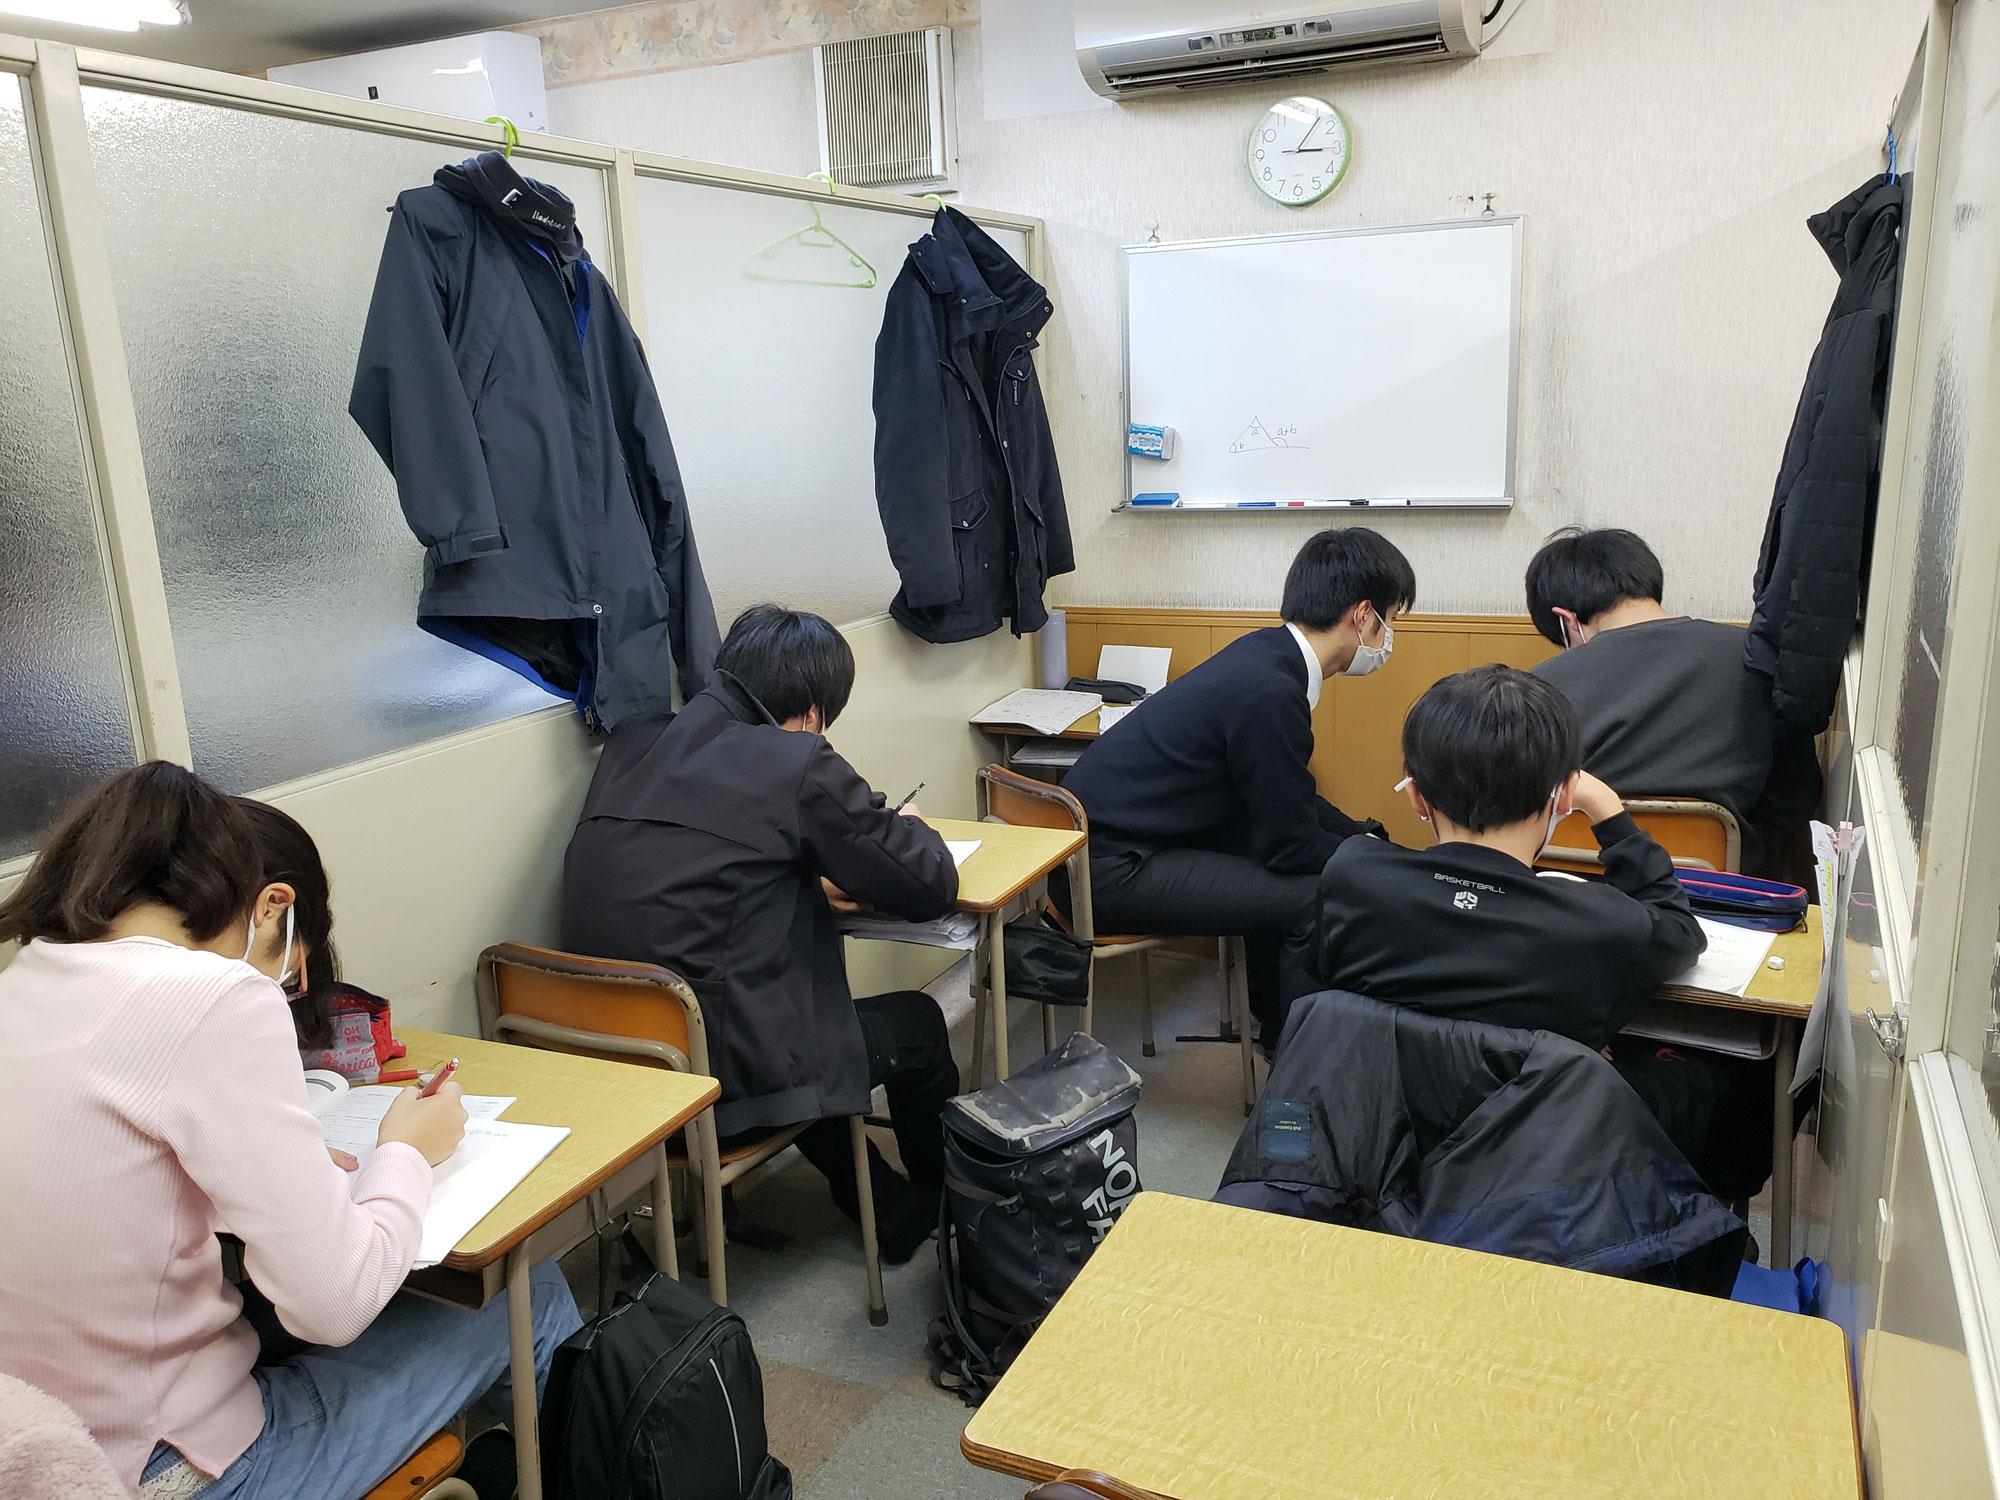 冬期講習、お疲れ様でした。1/7からは通常授業が始まります